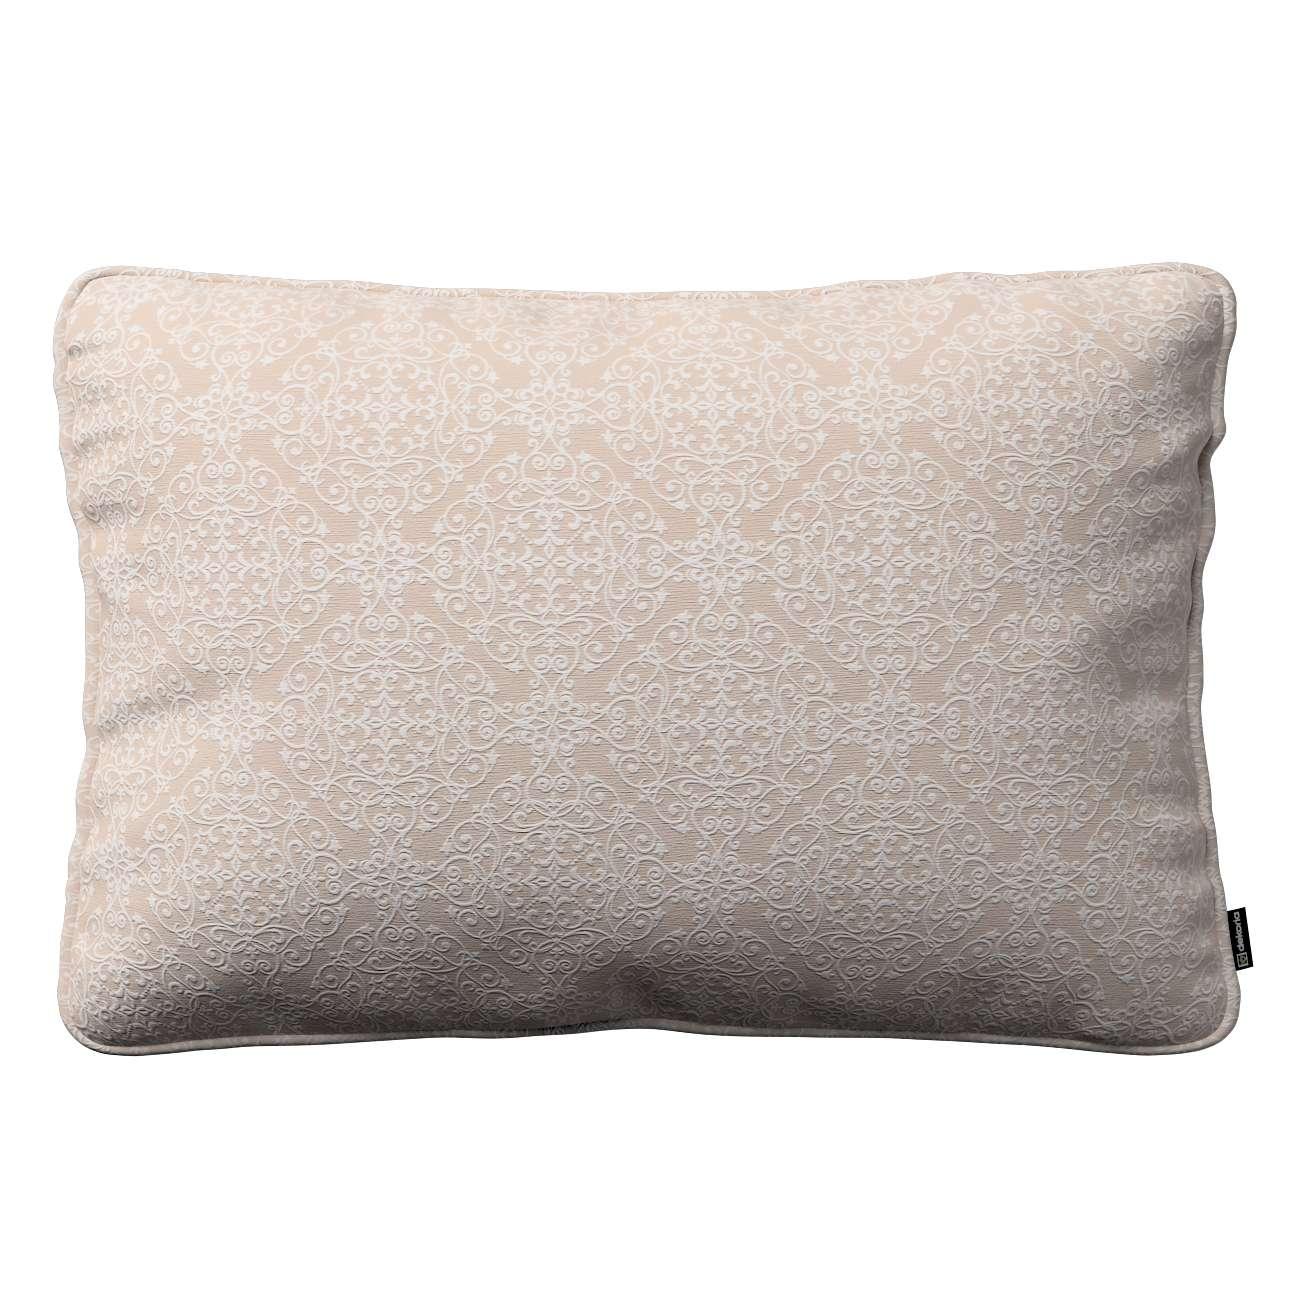 Poszewka Gabi na poduszkę prostokątna 60 x 40 cm w kolekcji Flowers, tkanina: 140-39